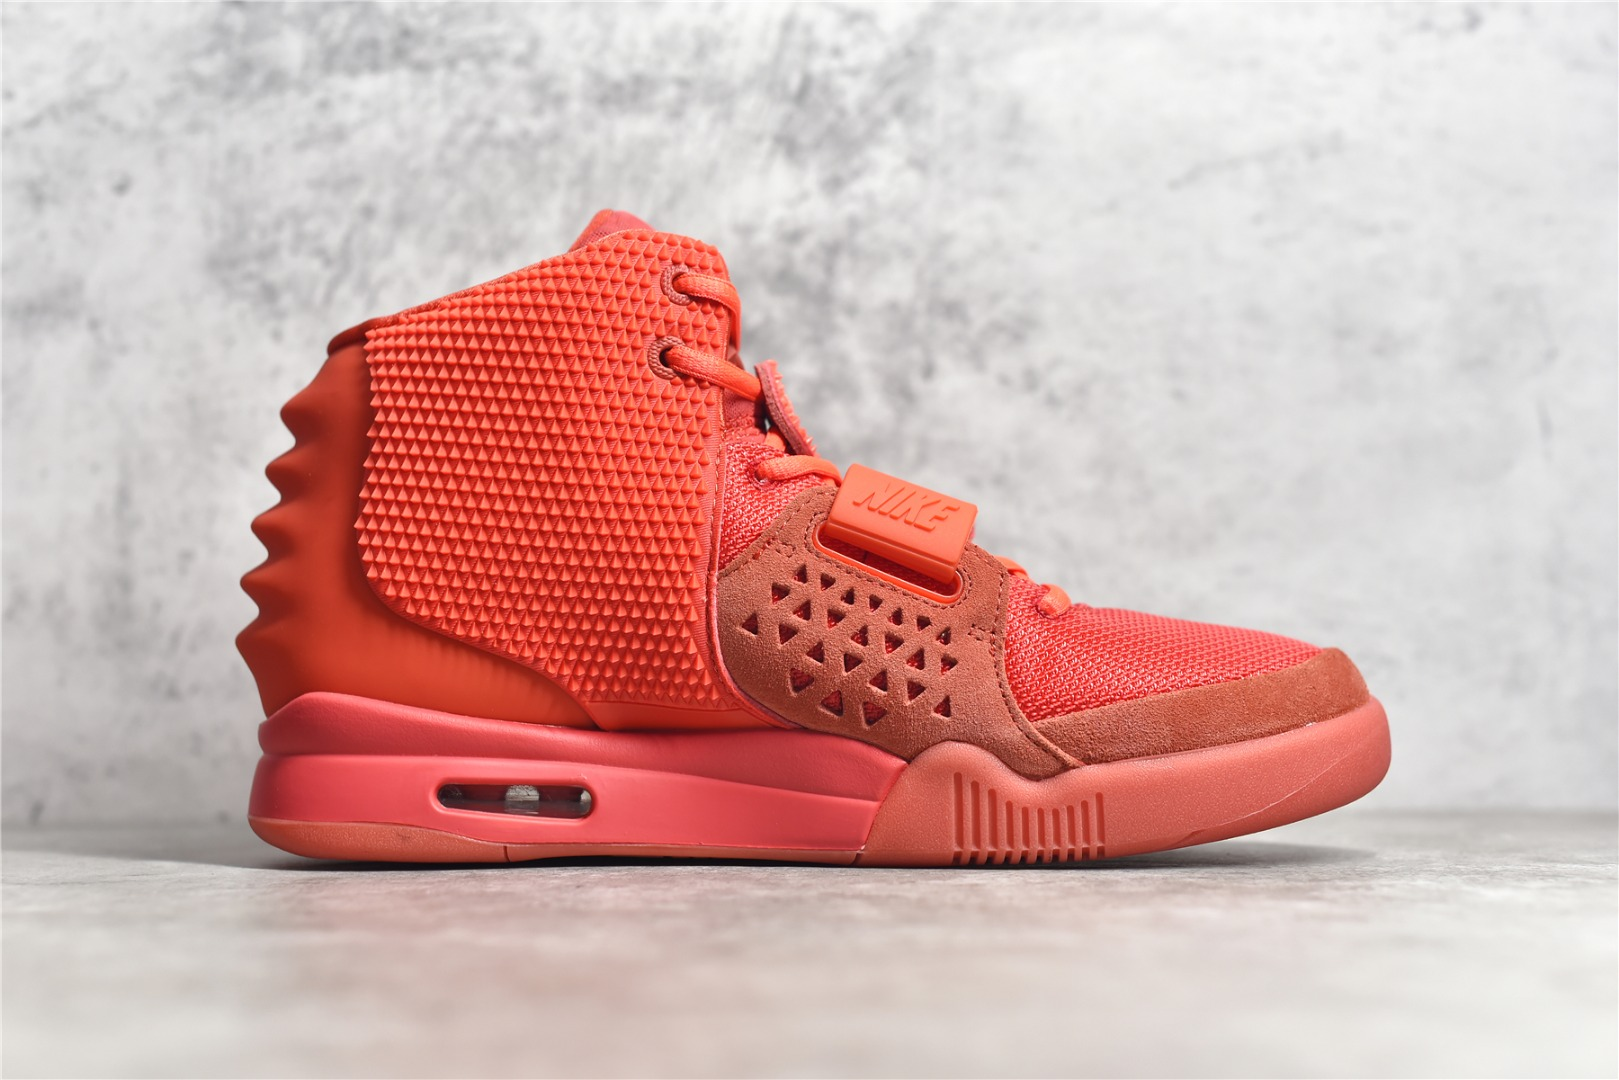 耐克椰子红色椰子球鞋 NIKE AIR YEEZY 2 RED OCTOBER 莆田纯原版本耐克红色椰子天价球鞋 货号:508214-660-潮流者之家